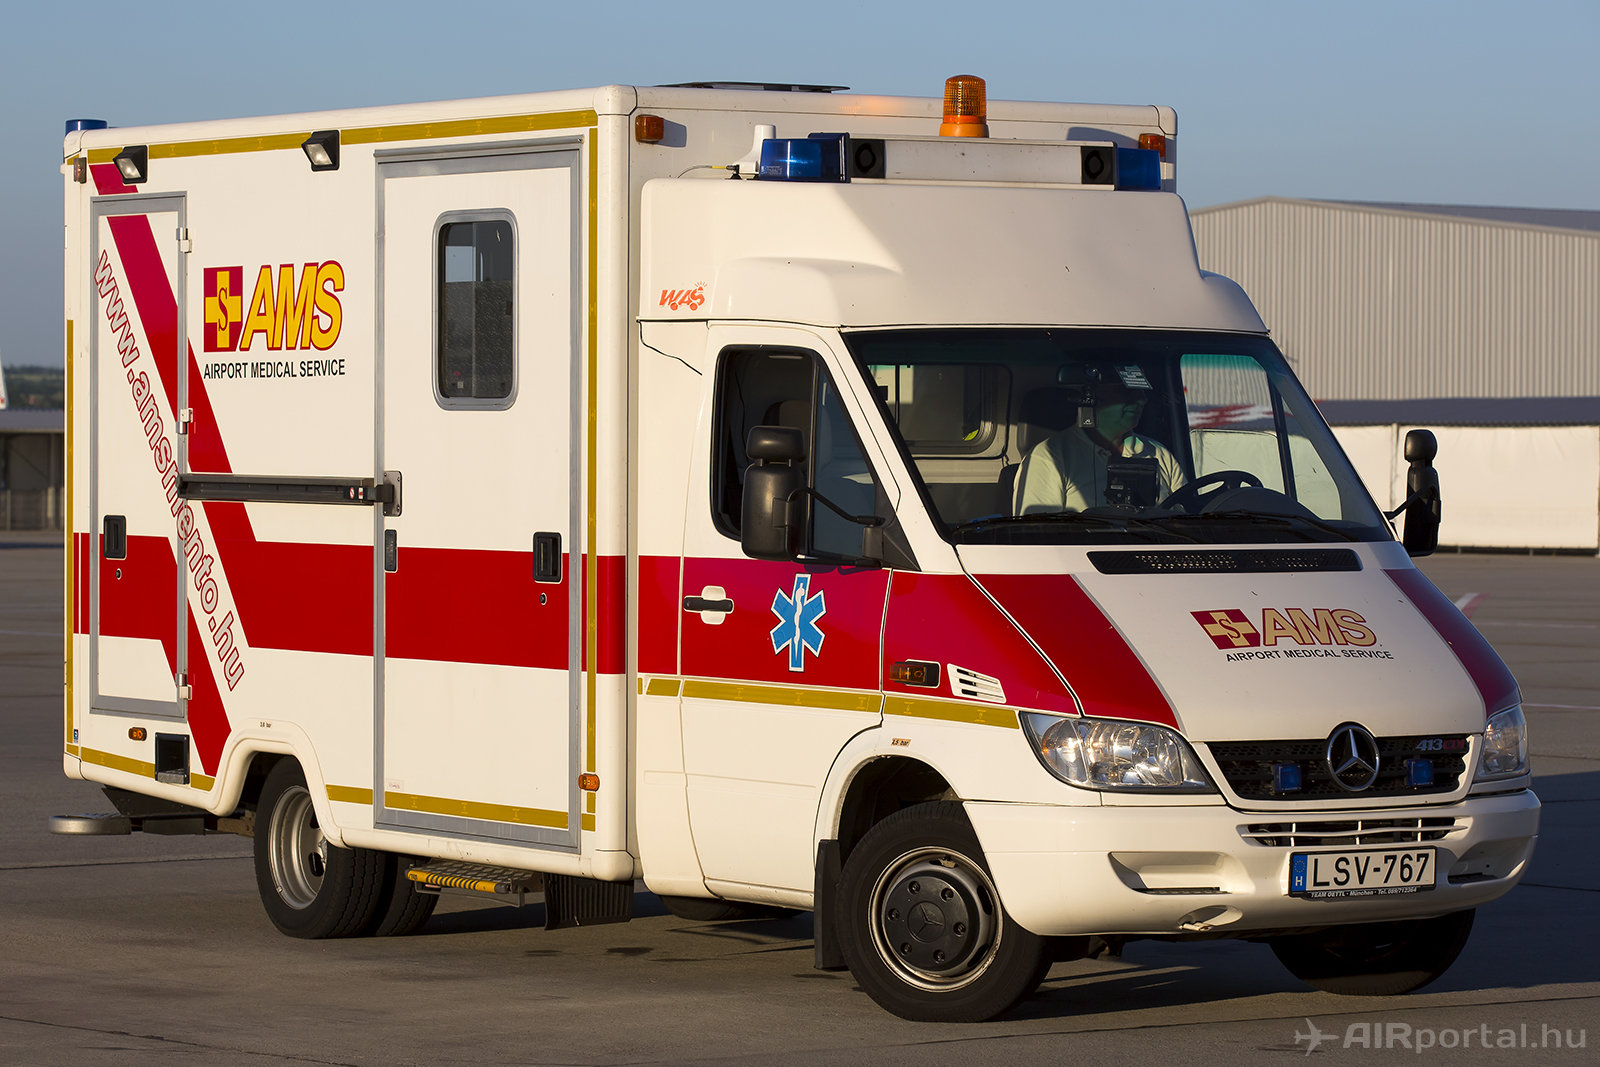 Az AMS repülőtéri egészségügyi szolgálat speciális repülőtéri mentőautója. (Fotó: AIRportal.hu) | © AIRportal.hu